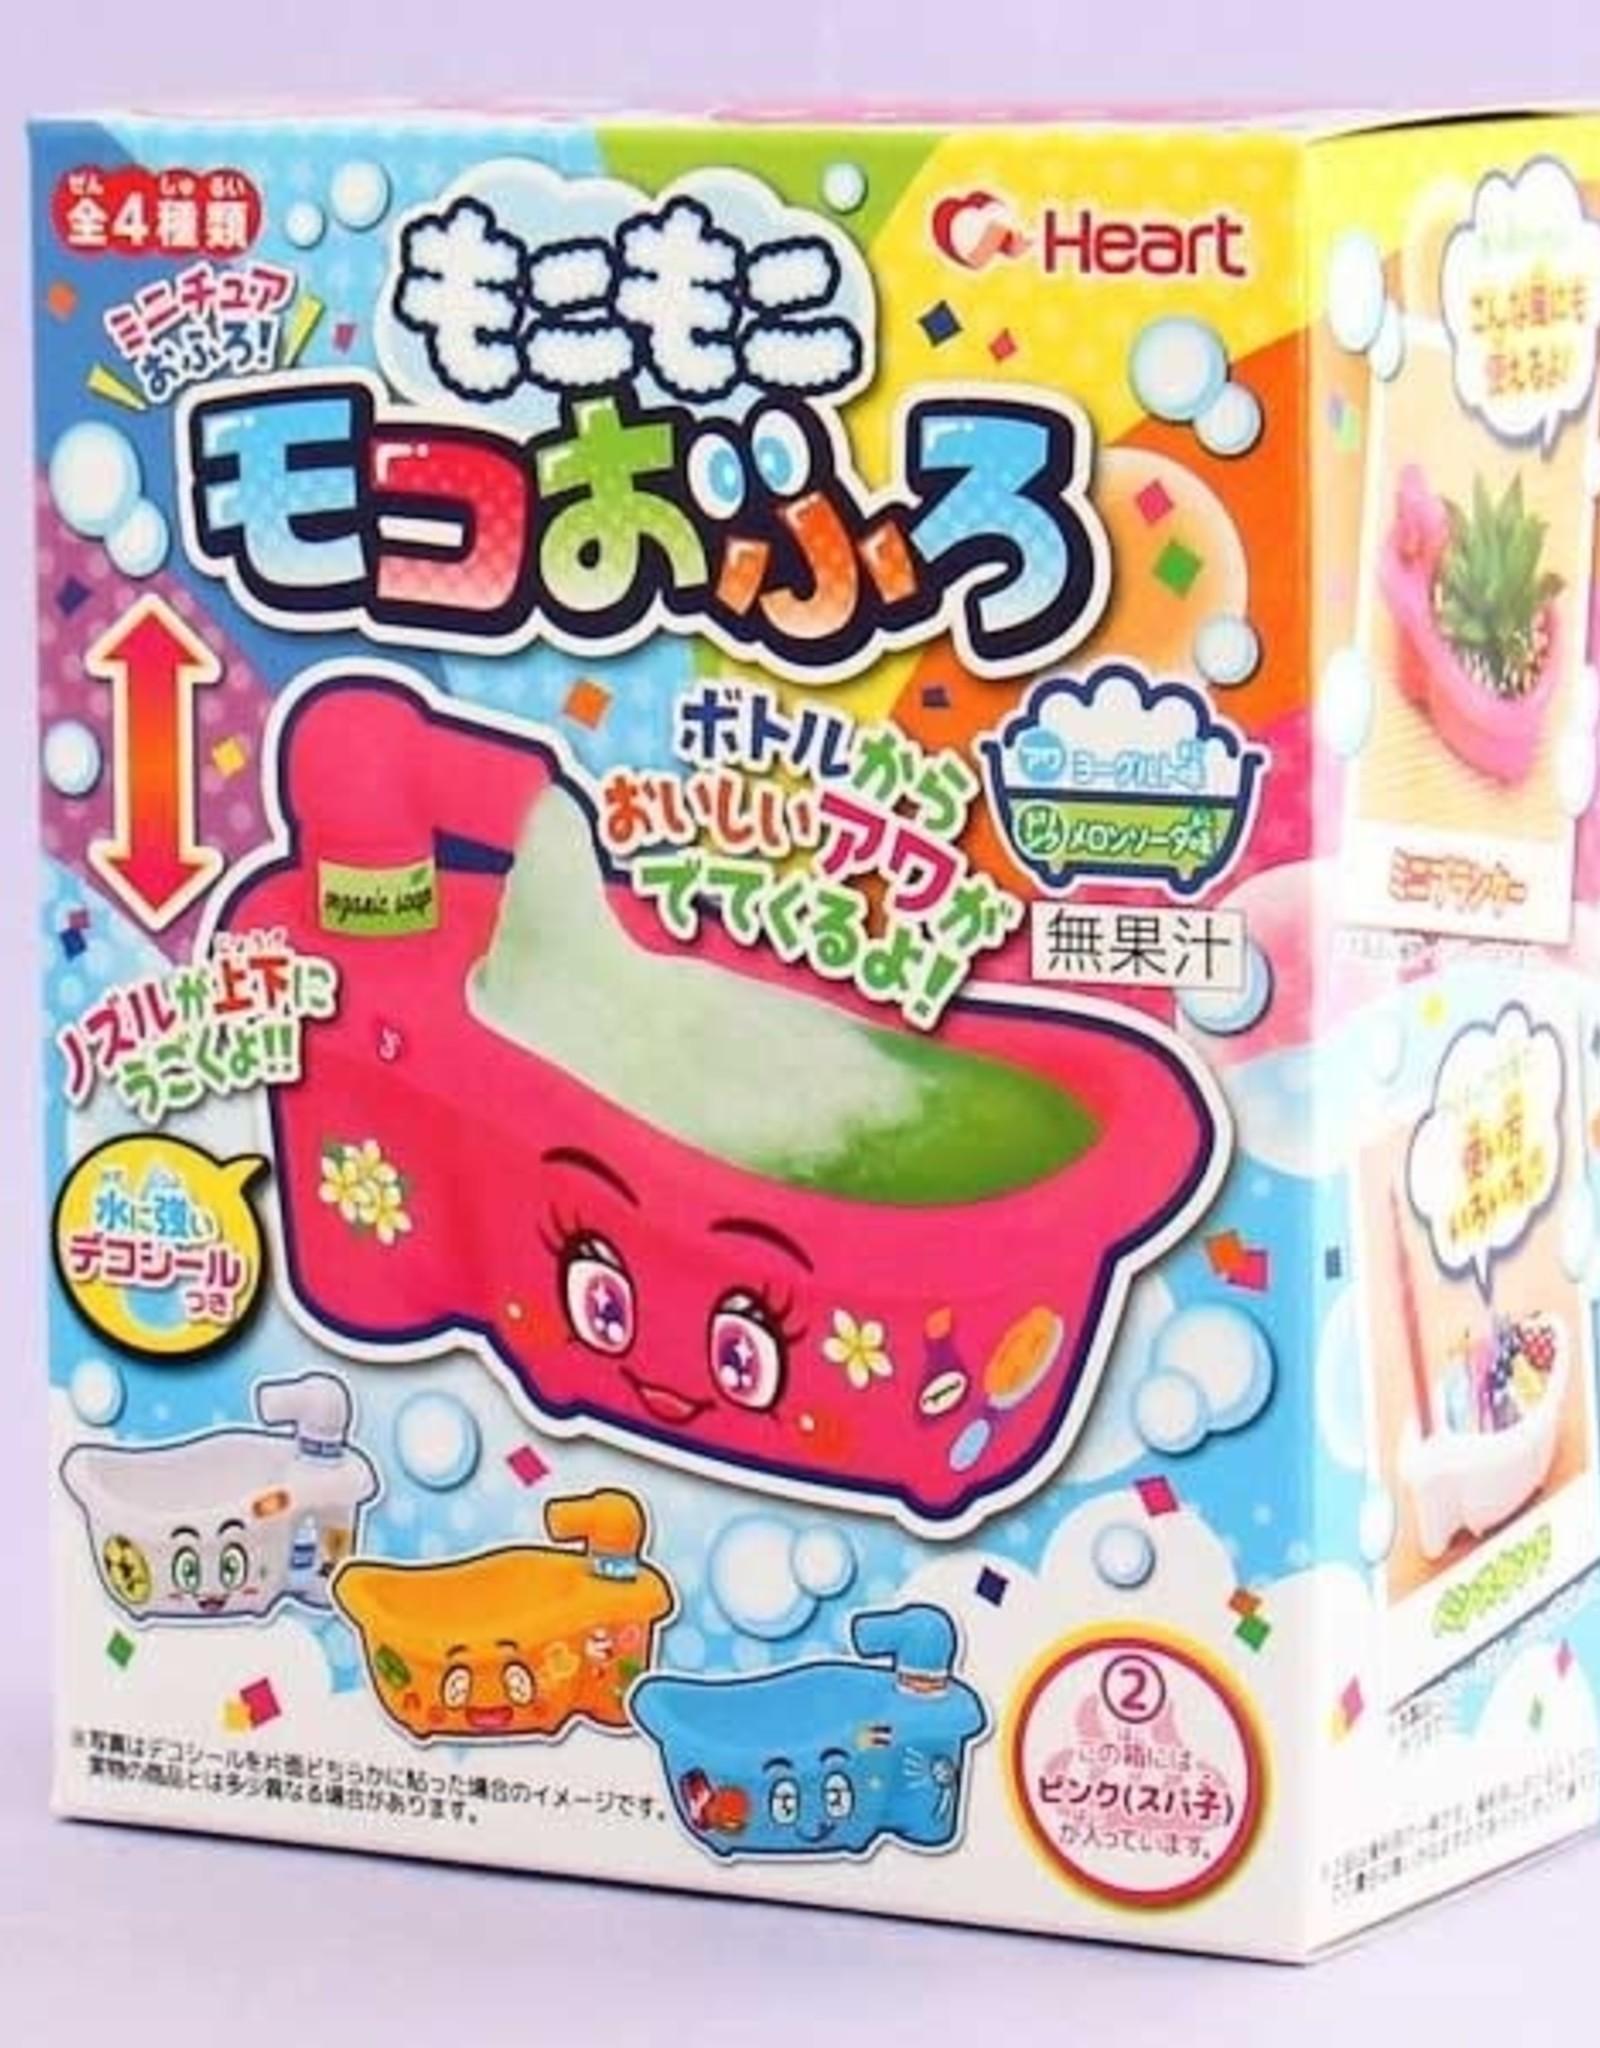 Moko Moko Bubble Bath Candy